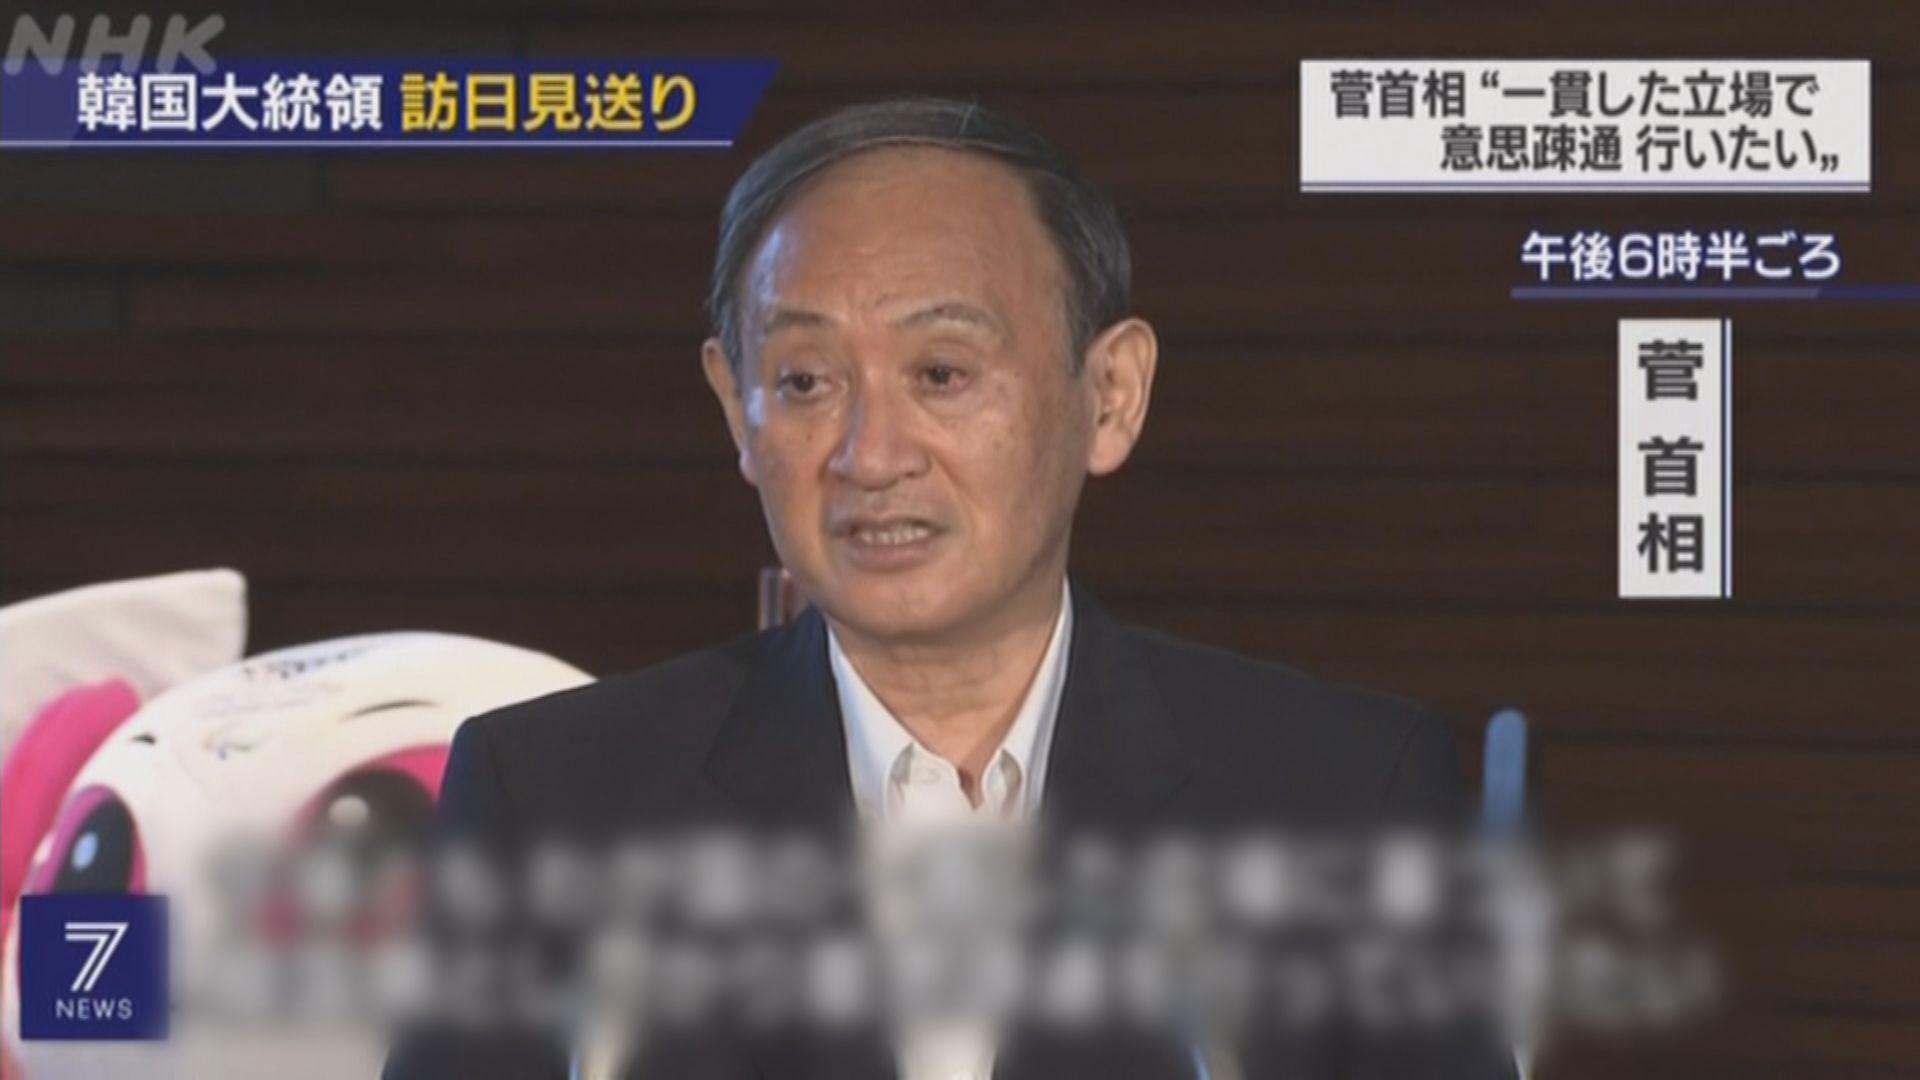 日韓首腦會談告吹 菅義偉:將繼續尋求對話修補關係